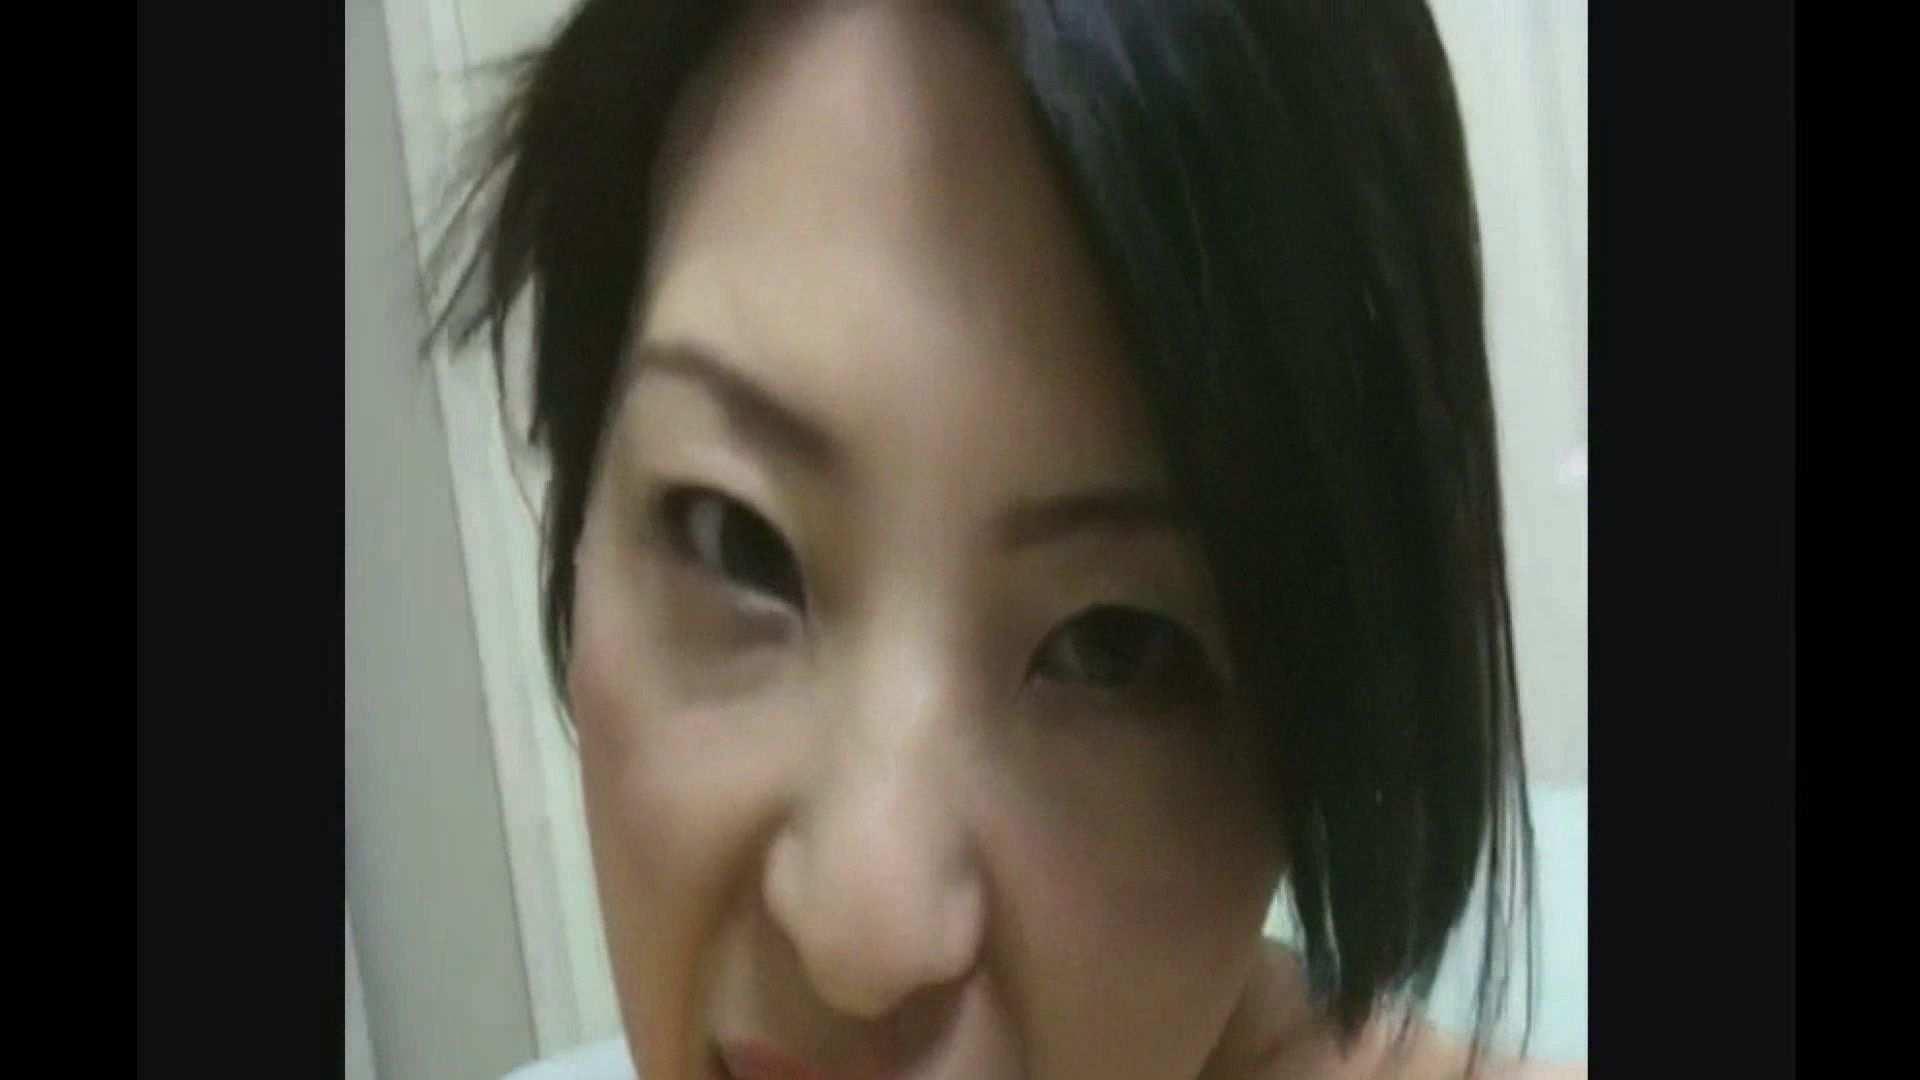 ビジョおな! Vol.01 バイブ 盗撮ワレメ無修正動画無料 107画像 38